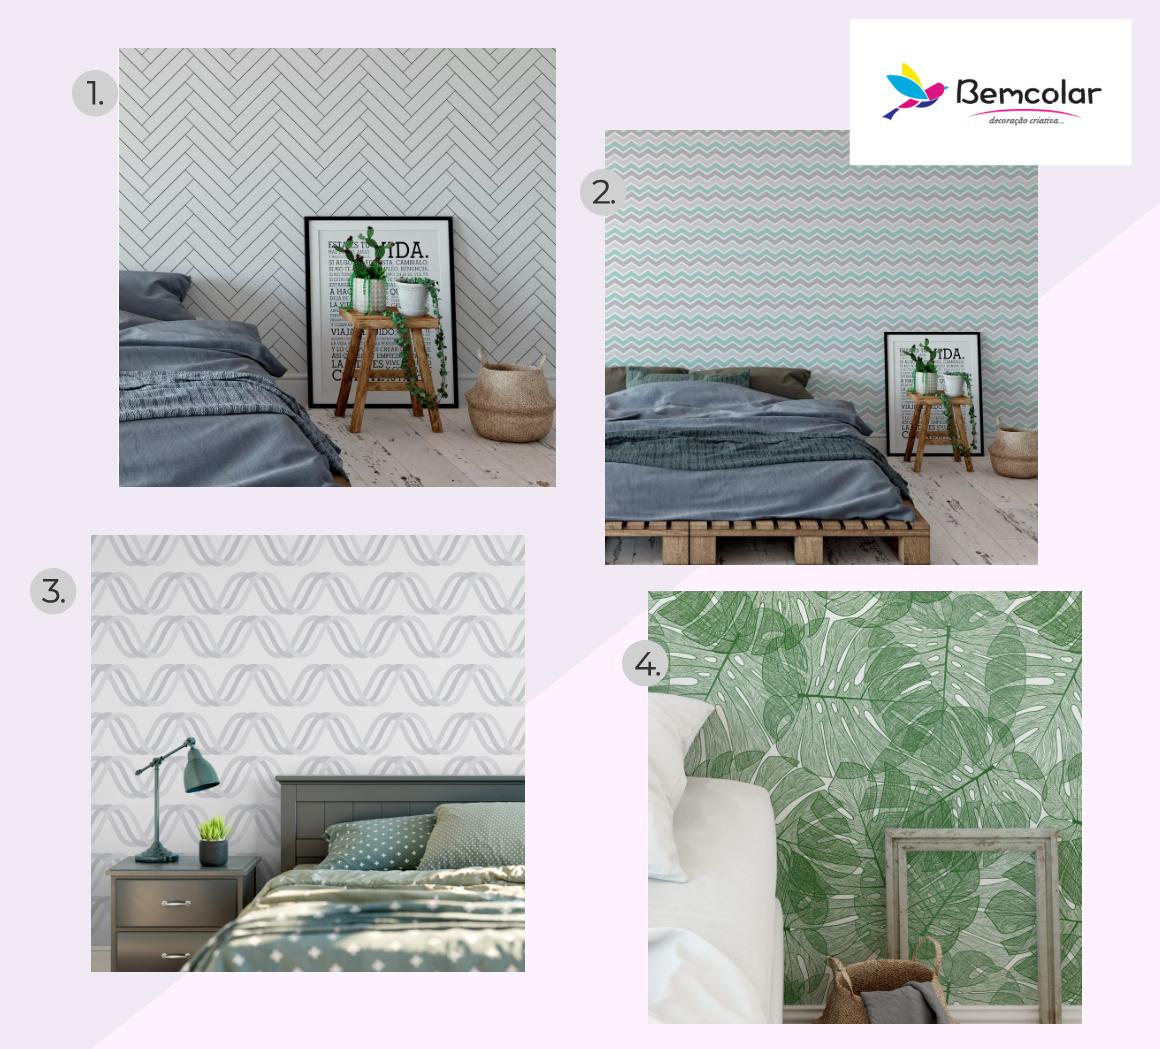 papel parede adesivo quarto bem colar